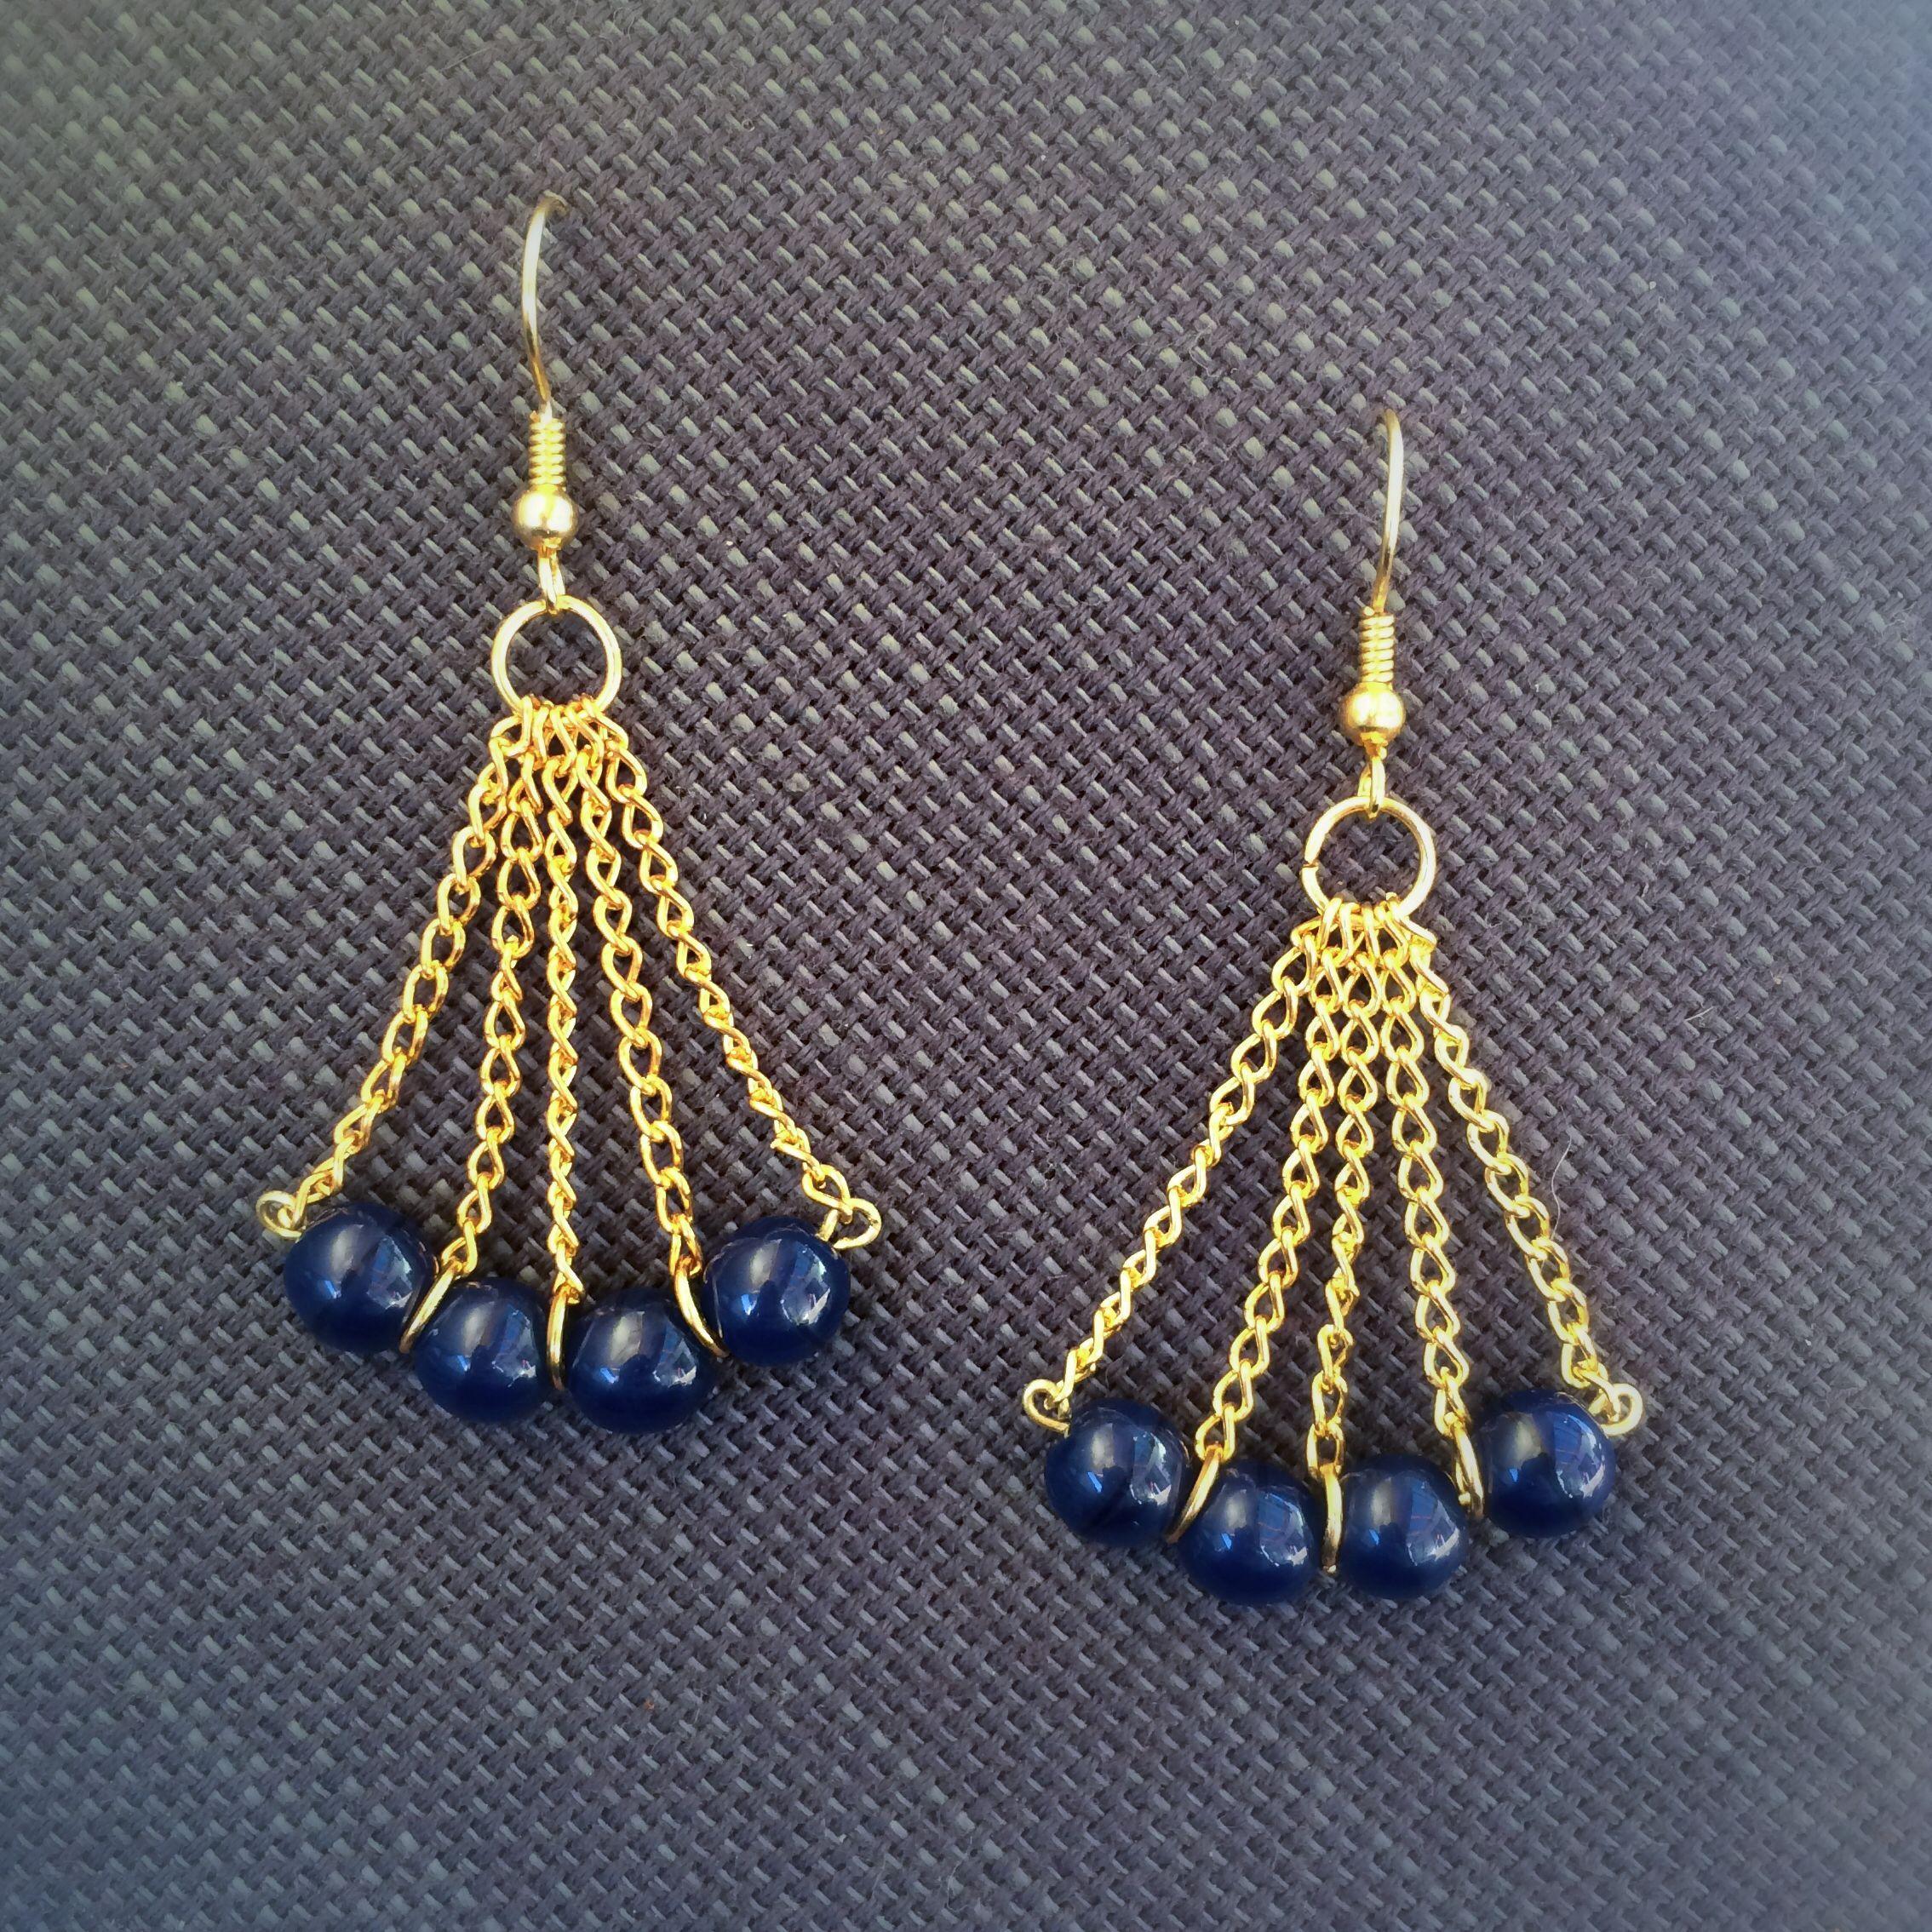 handmade wire jewelry | Handmade Jewelry | Pinterest | Handmade wire ...